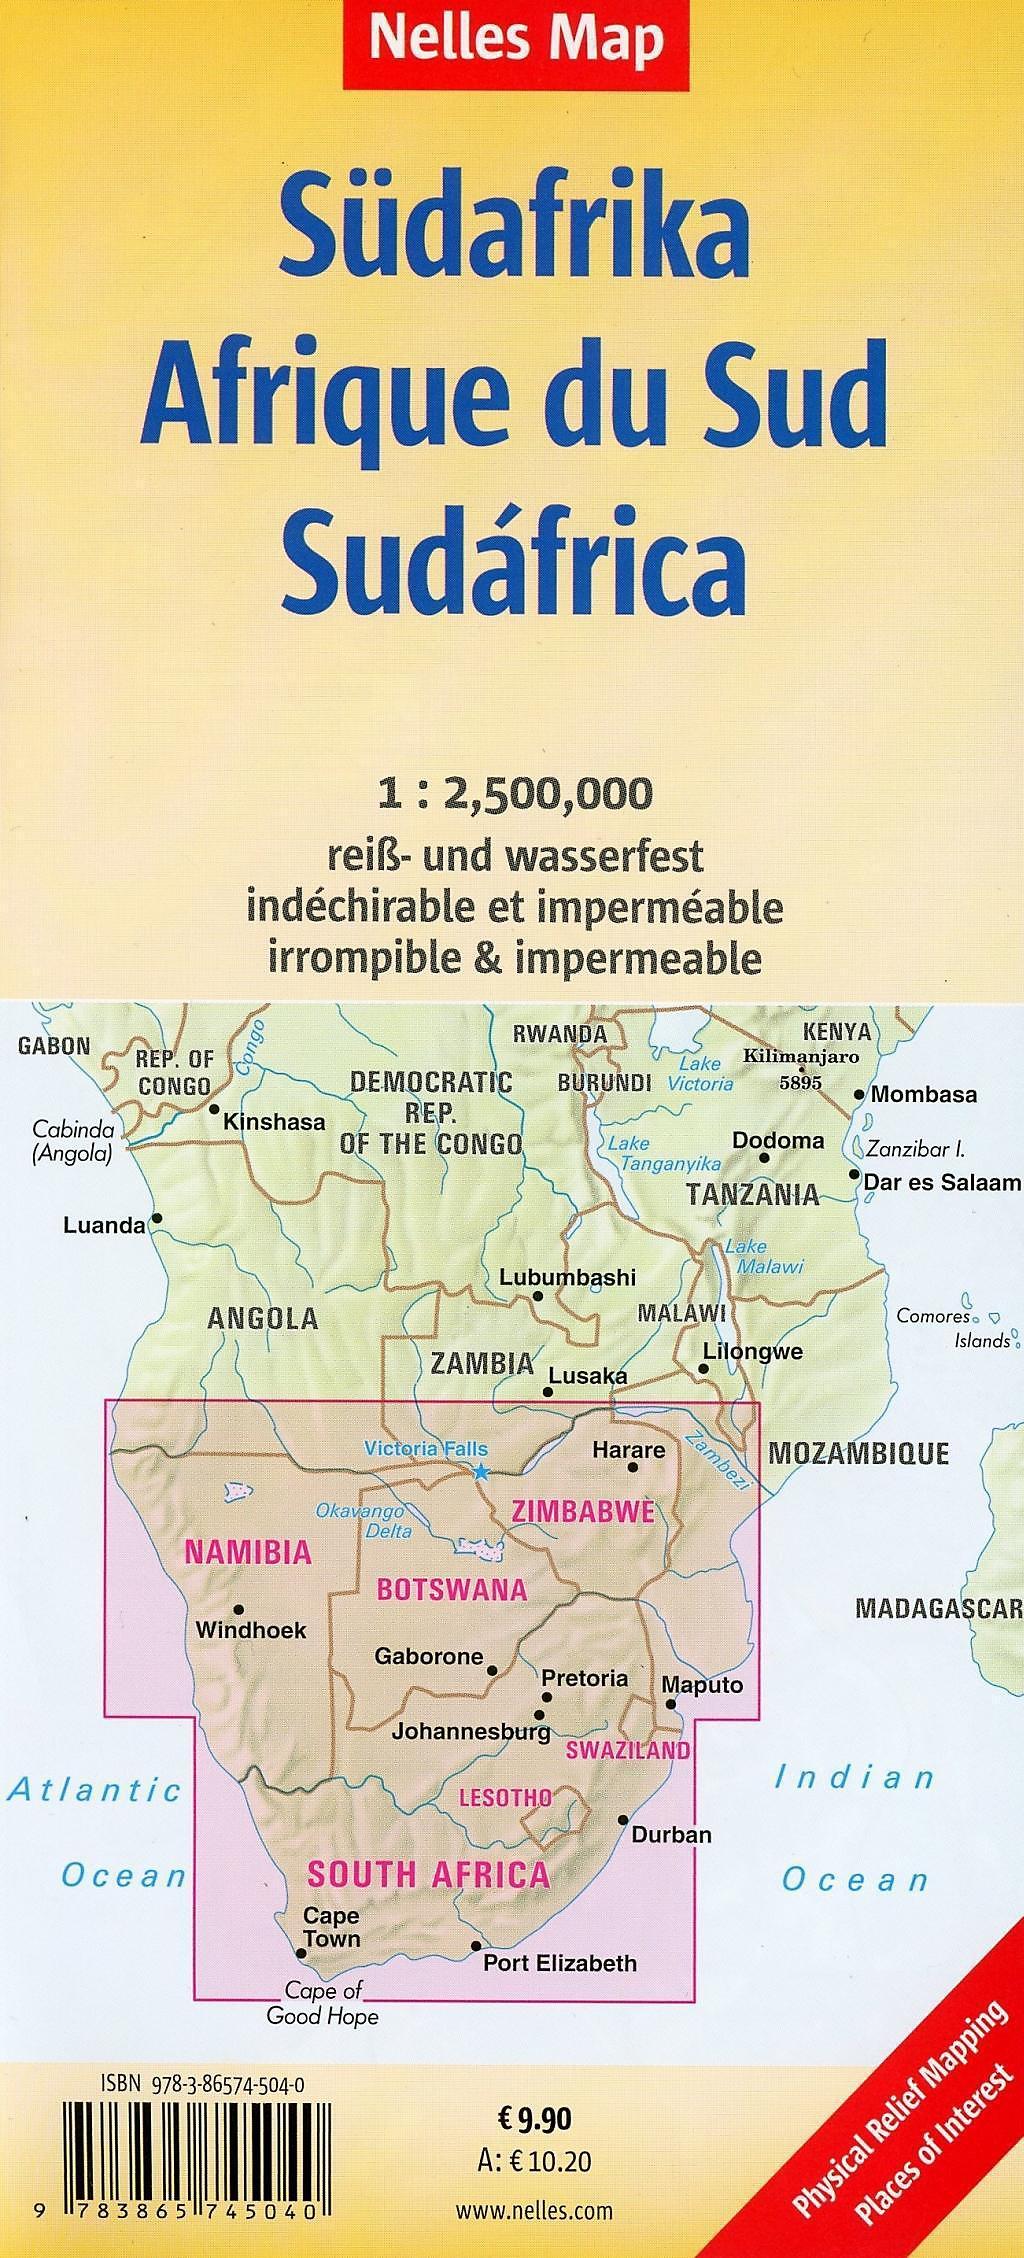 Nelles Map Landkarte South Africa, Namibia, Botswana, Zimbabwe ...